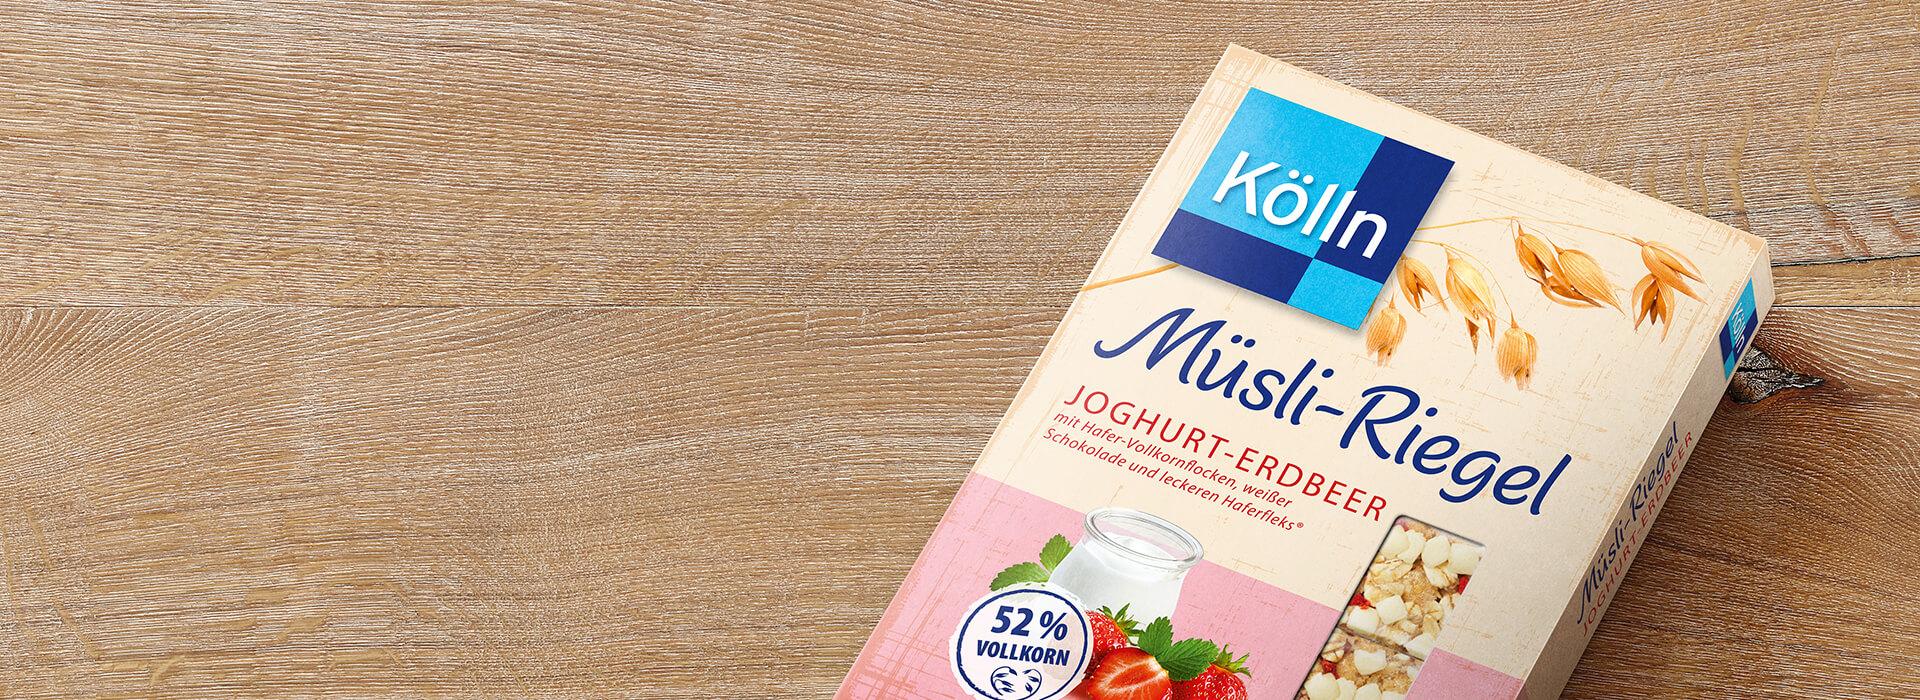 Müsliriegel Joghurt-Erdbeer